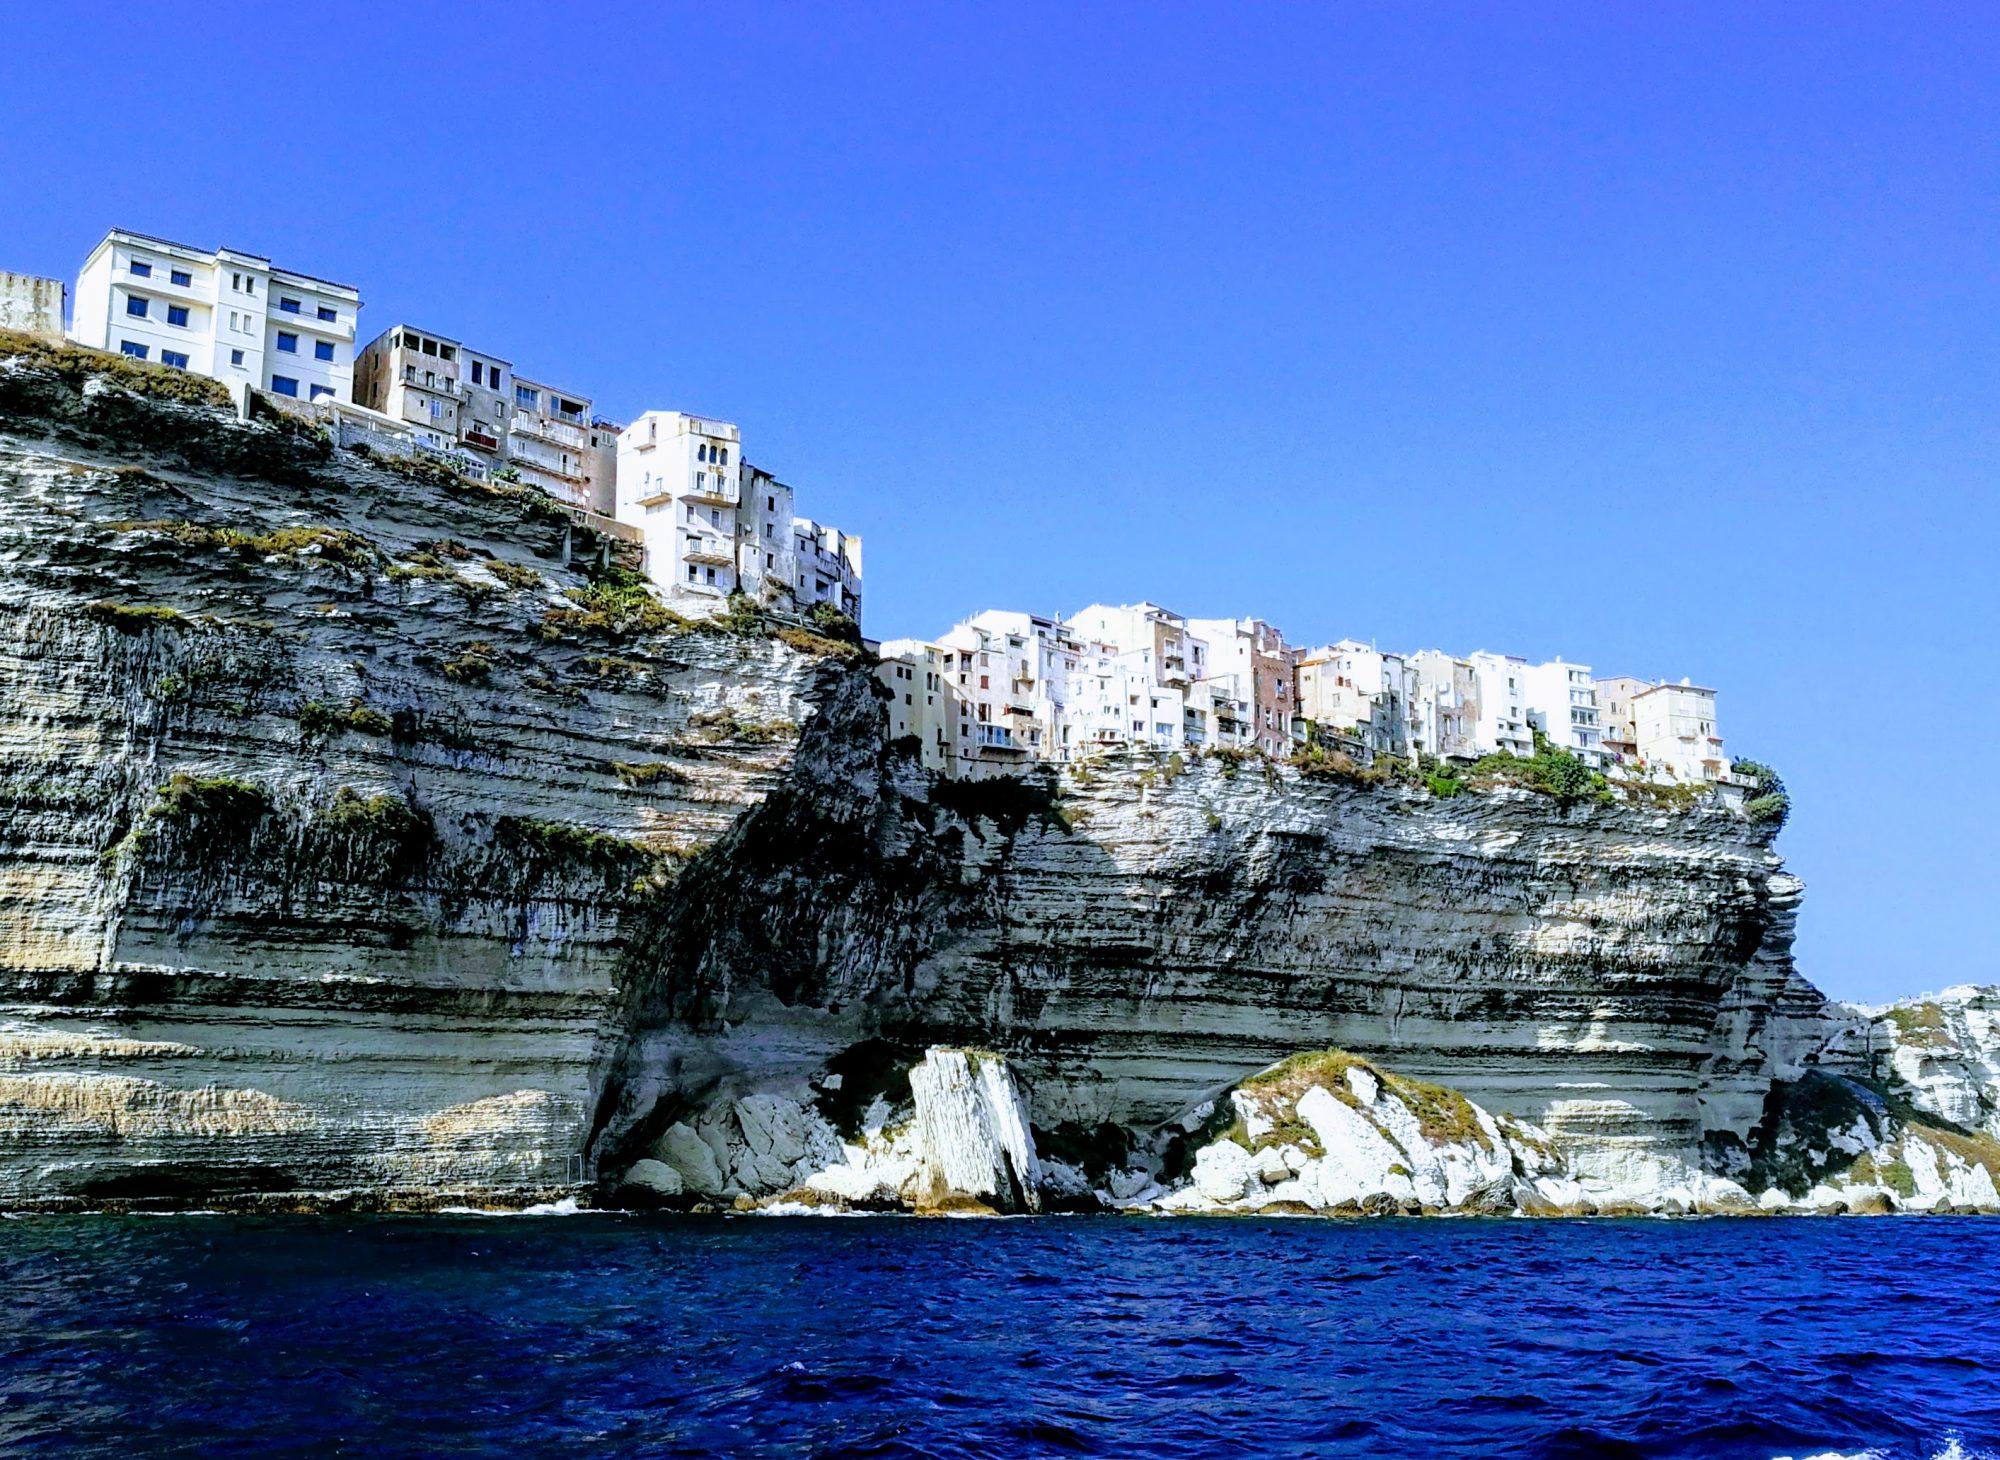 Bonifacio, impresionante vista desde el mar.